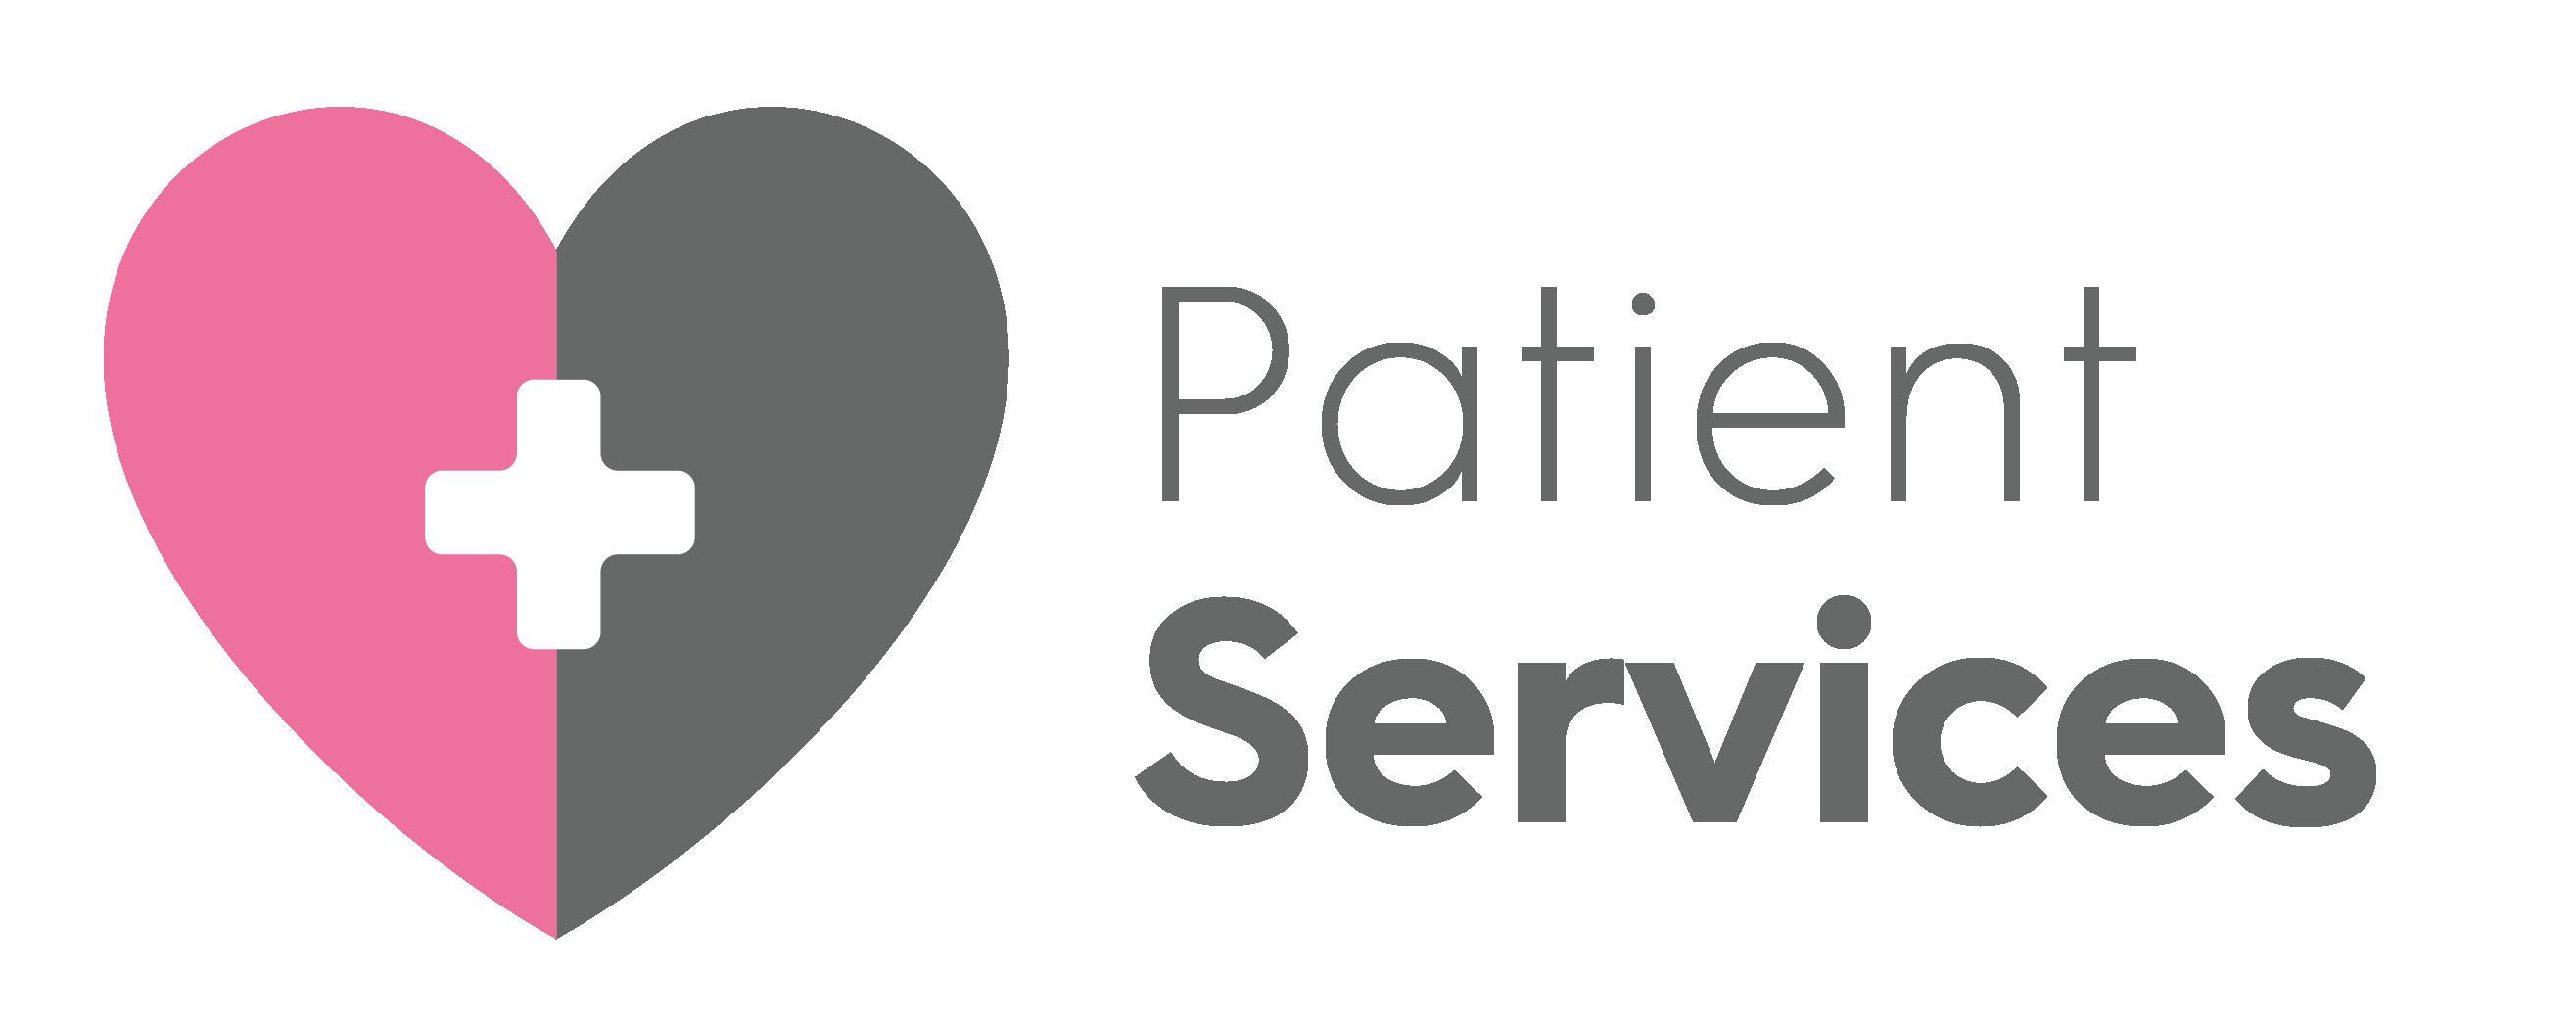 Patient Services logo